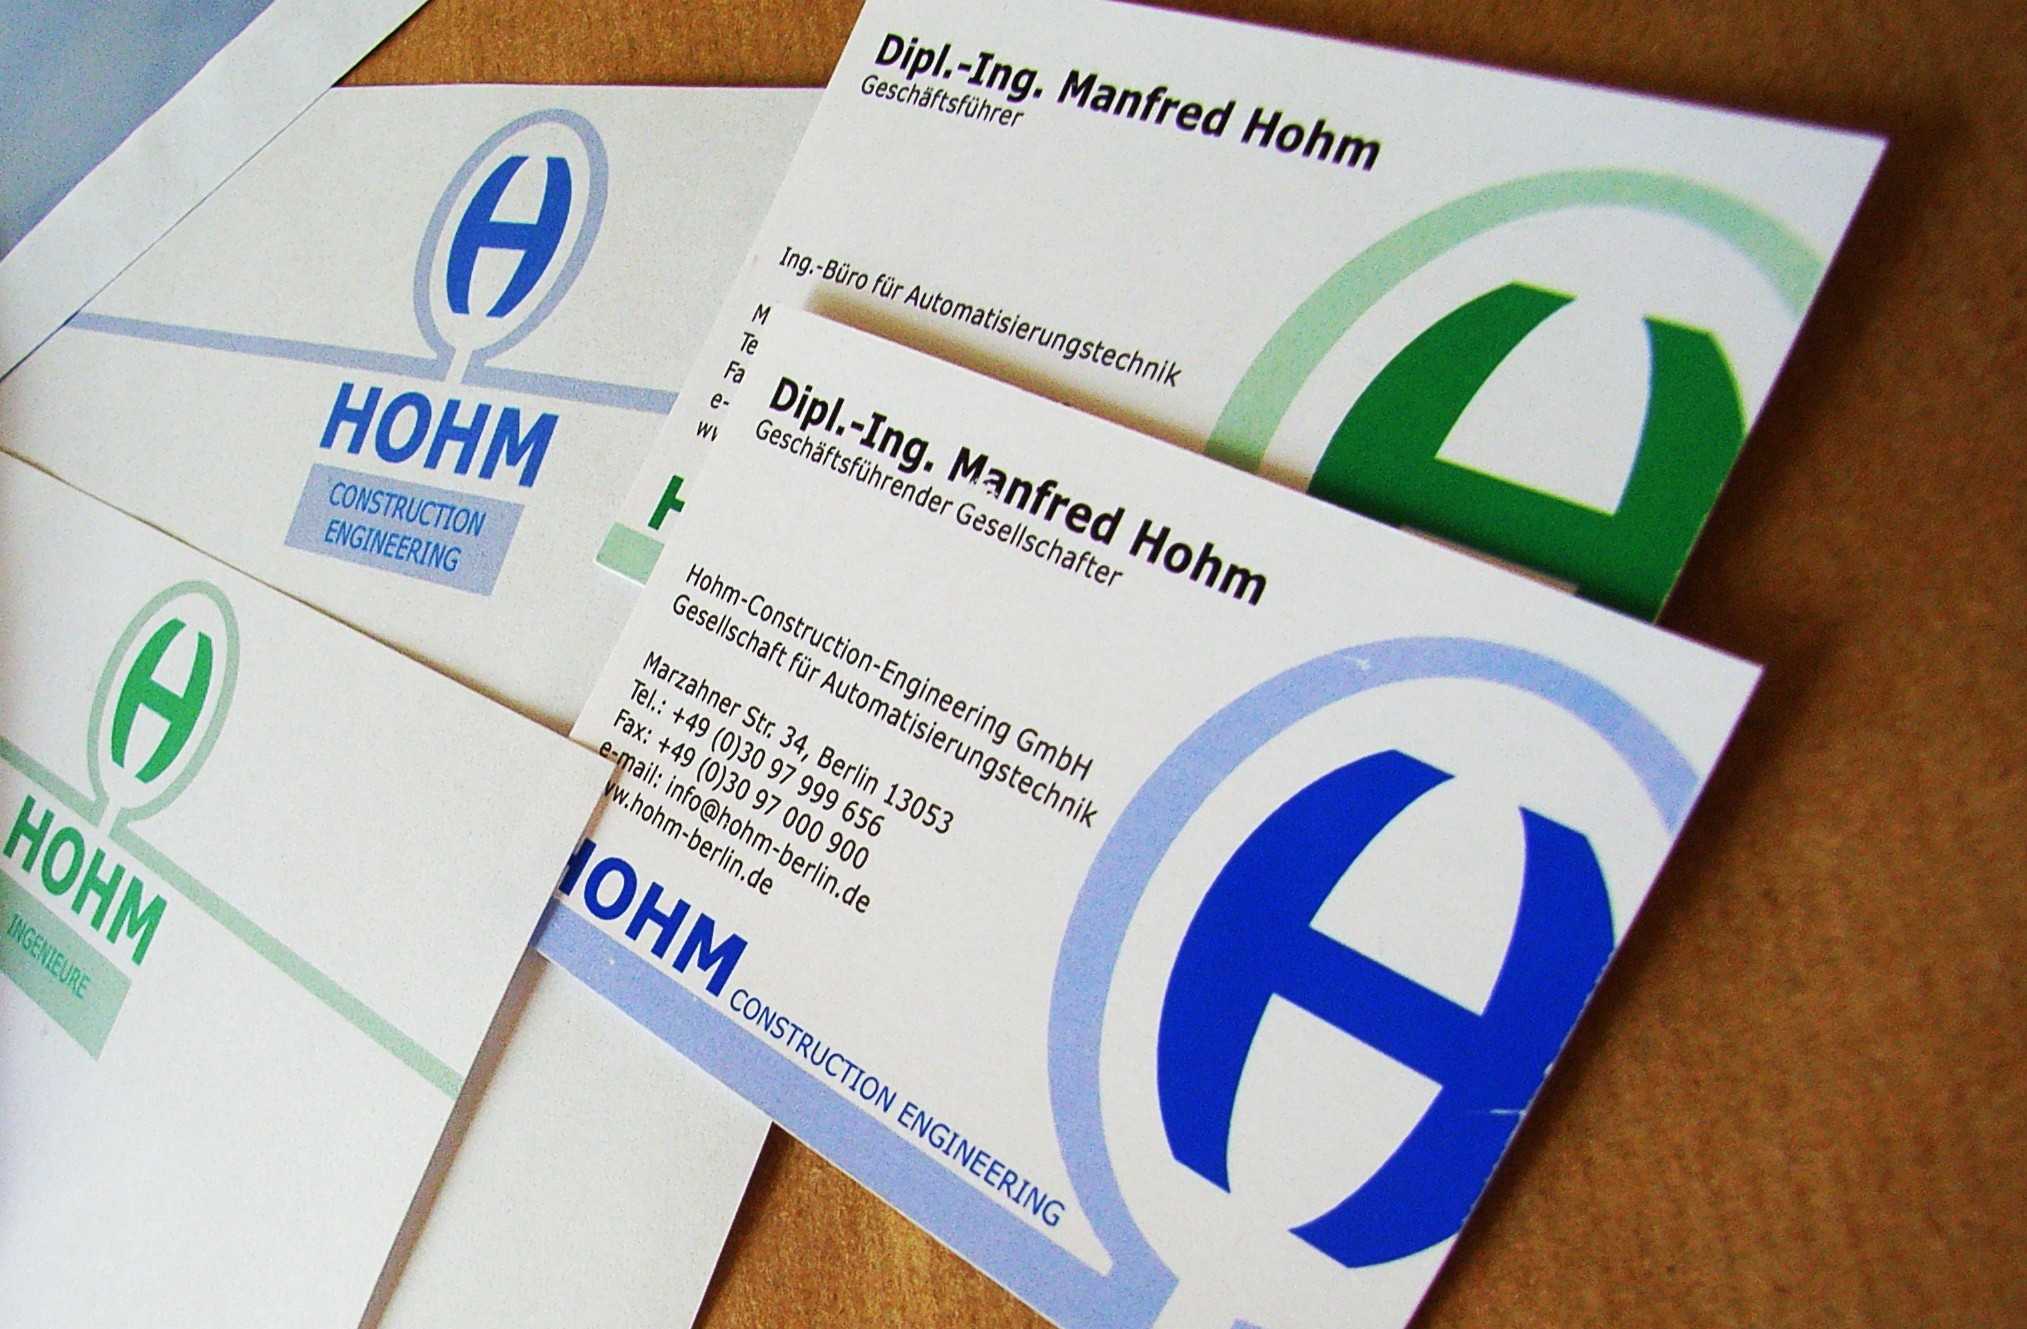 Hohm CI - Geschäftsausstattung